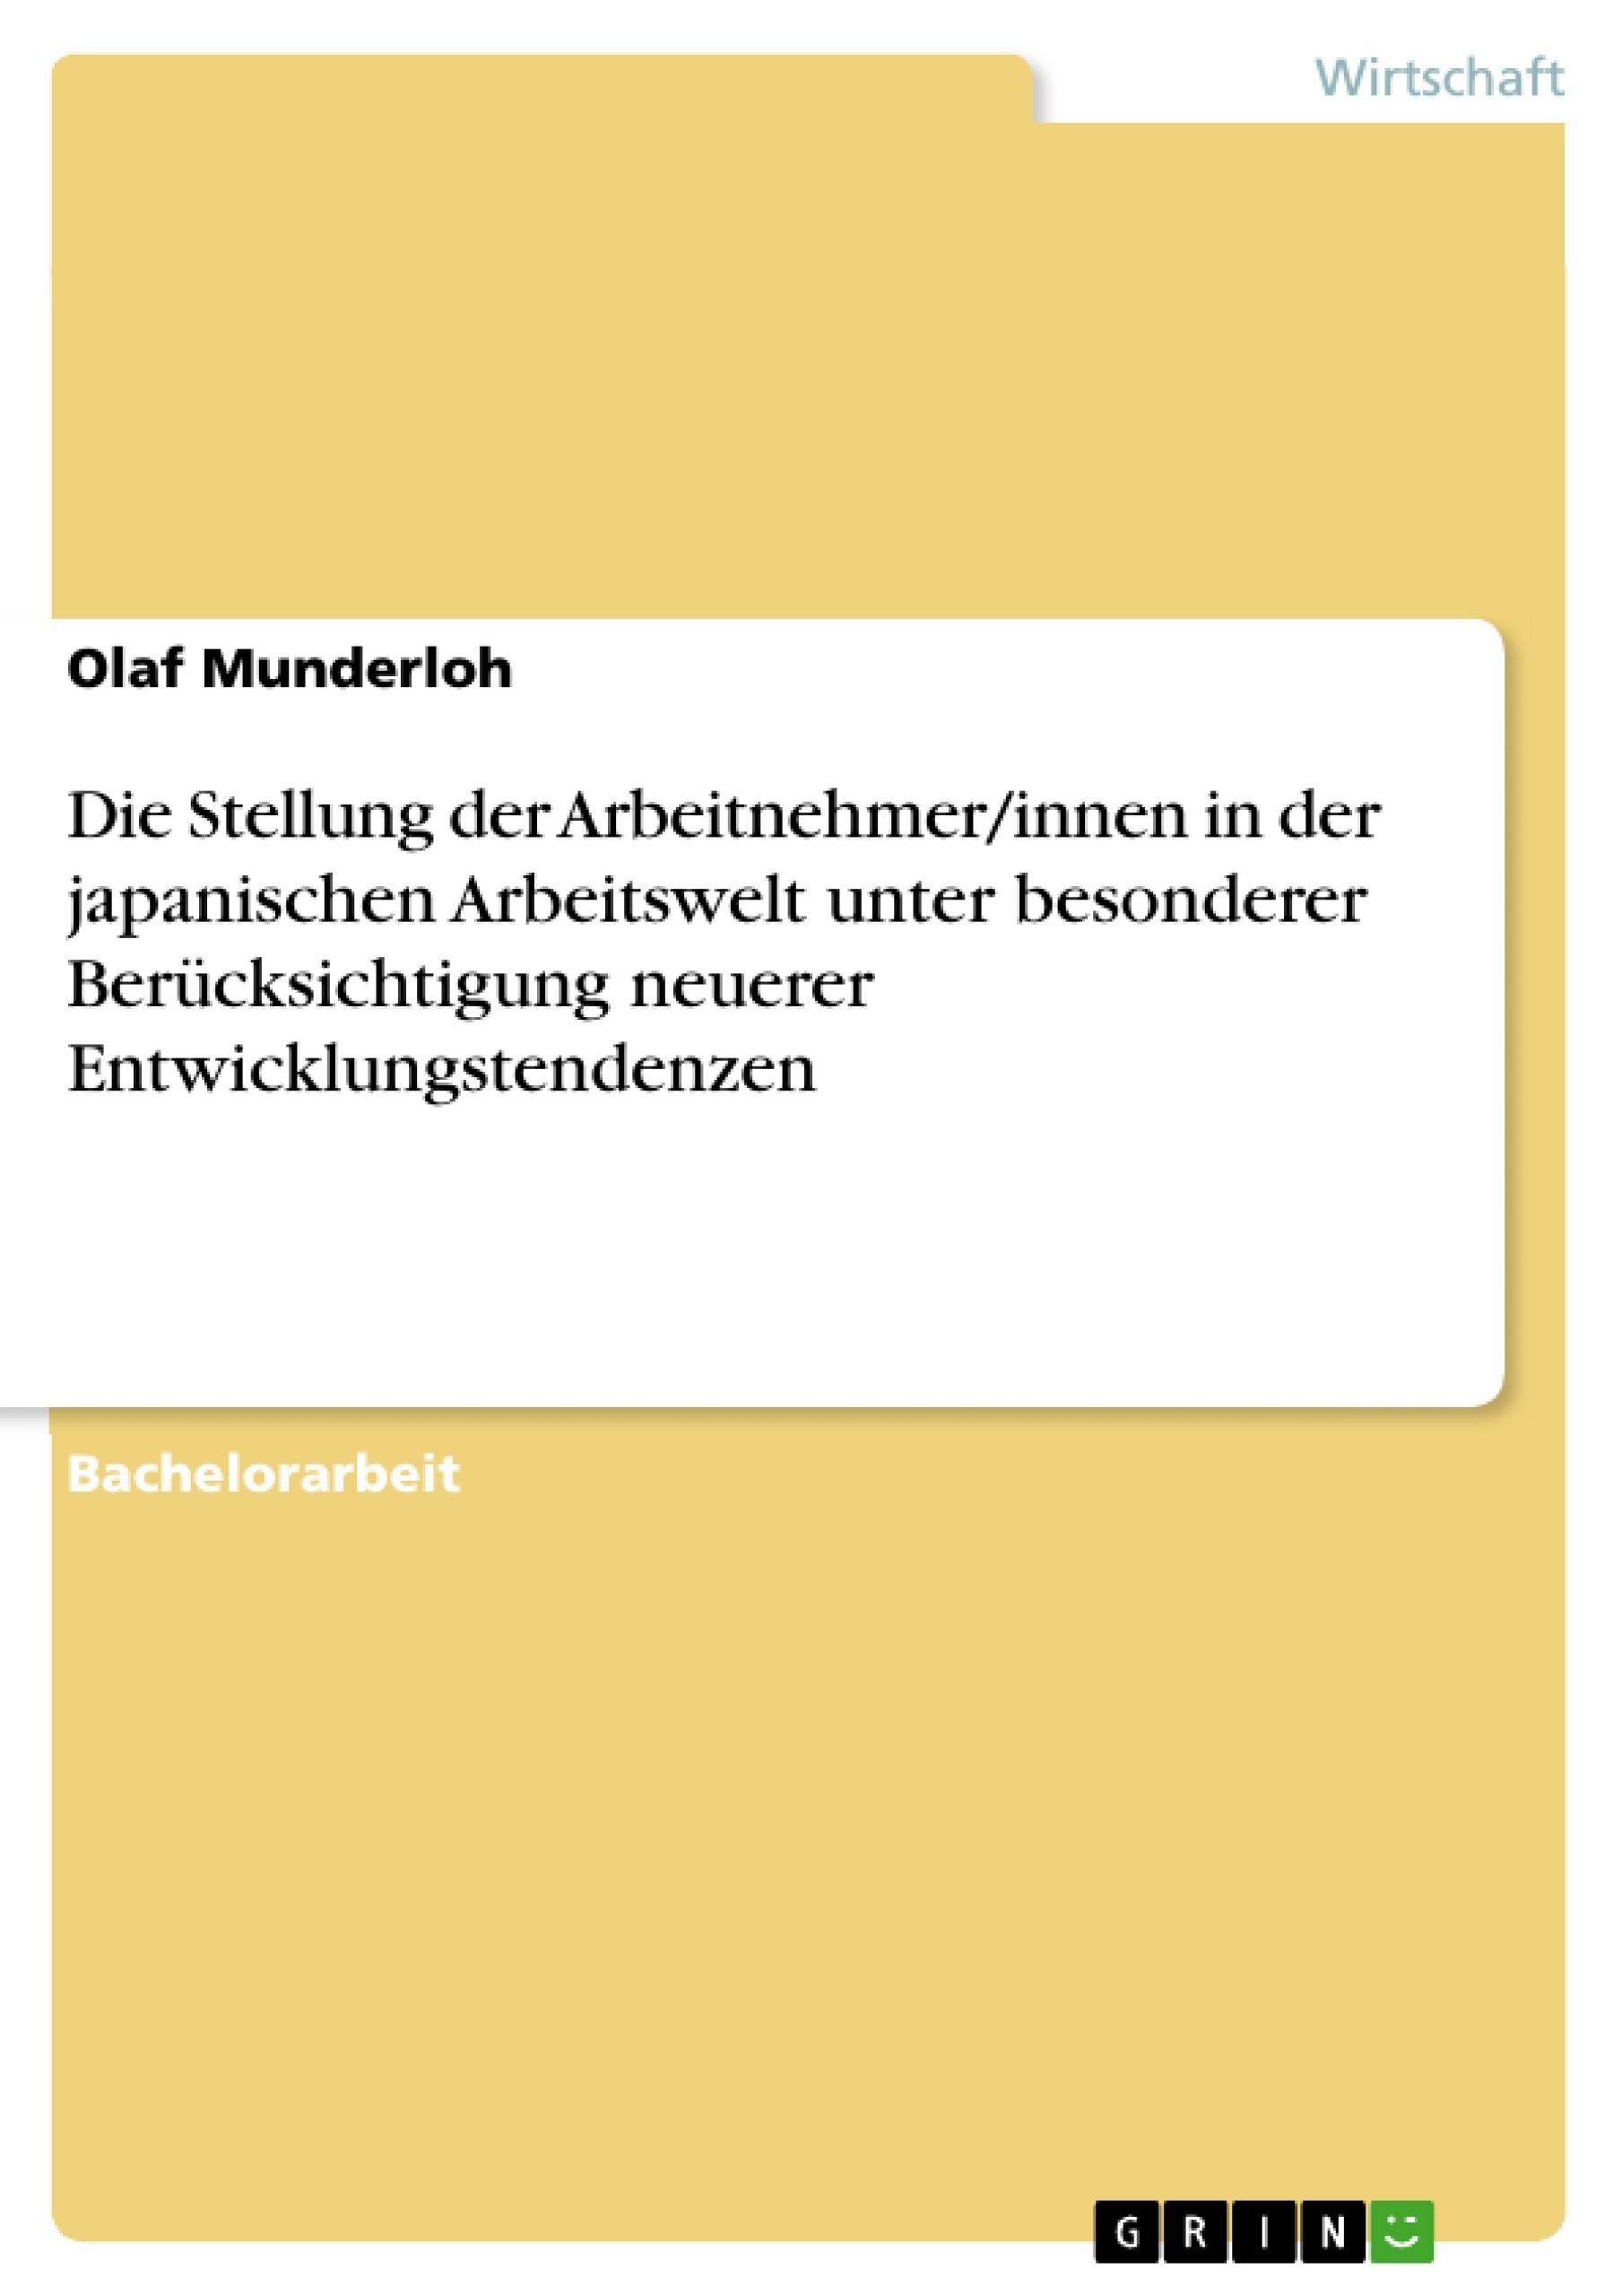 Titel: Die Stellung der Arbeitnehmer/innen in der japanischen Arbeitswelt unter besonderer Berücksichtigung neuerer Entwicklungstendenzen